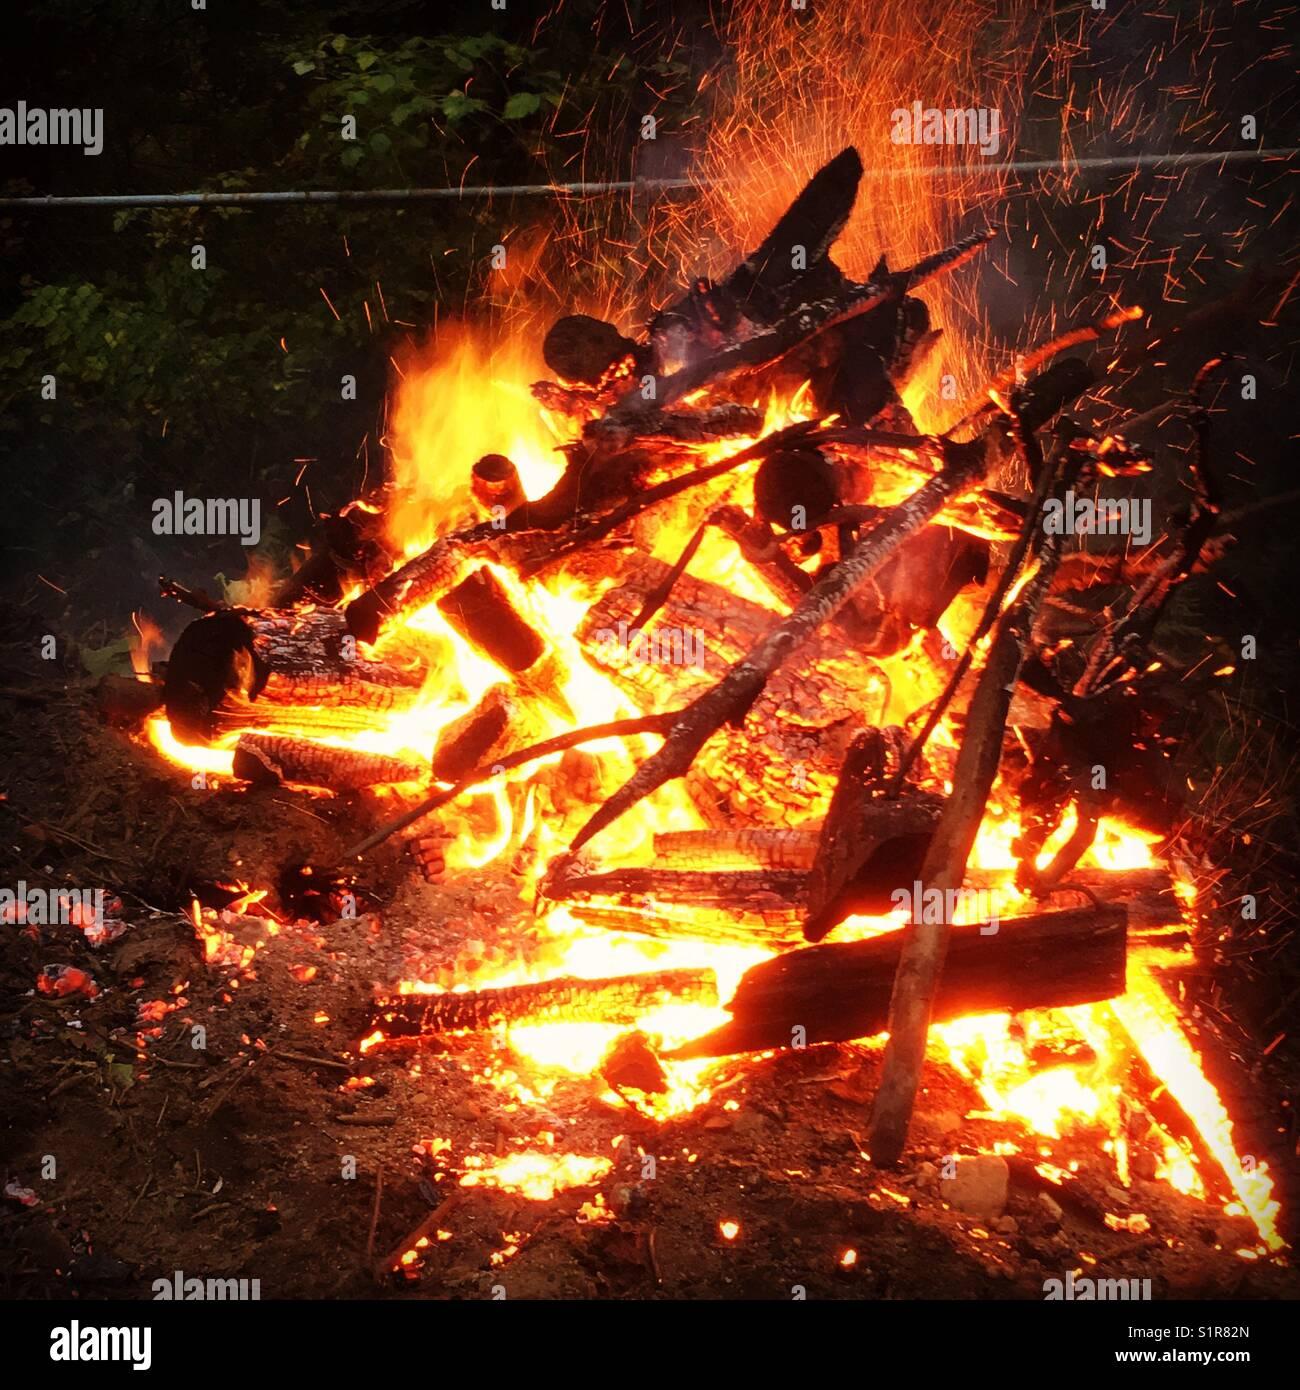 Fireside - Stock Image